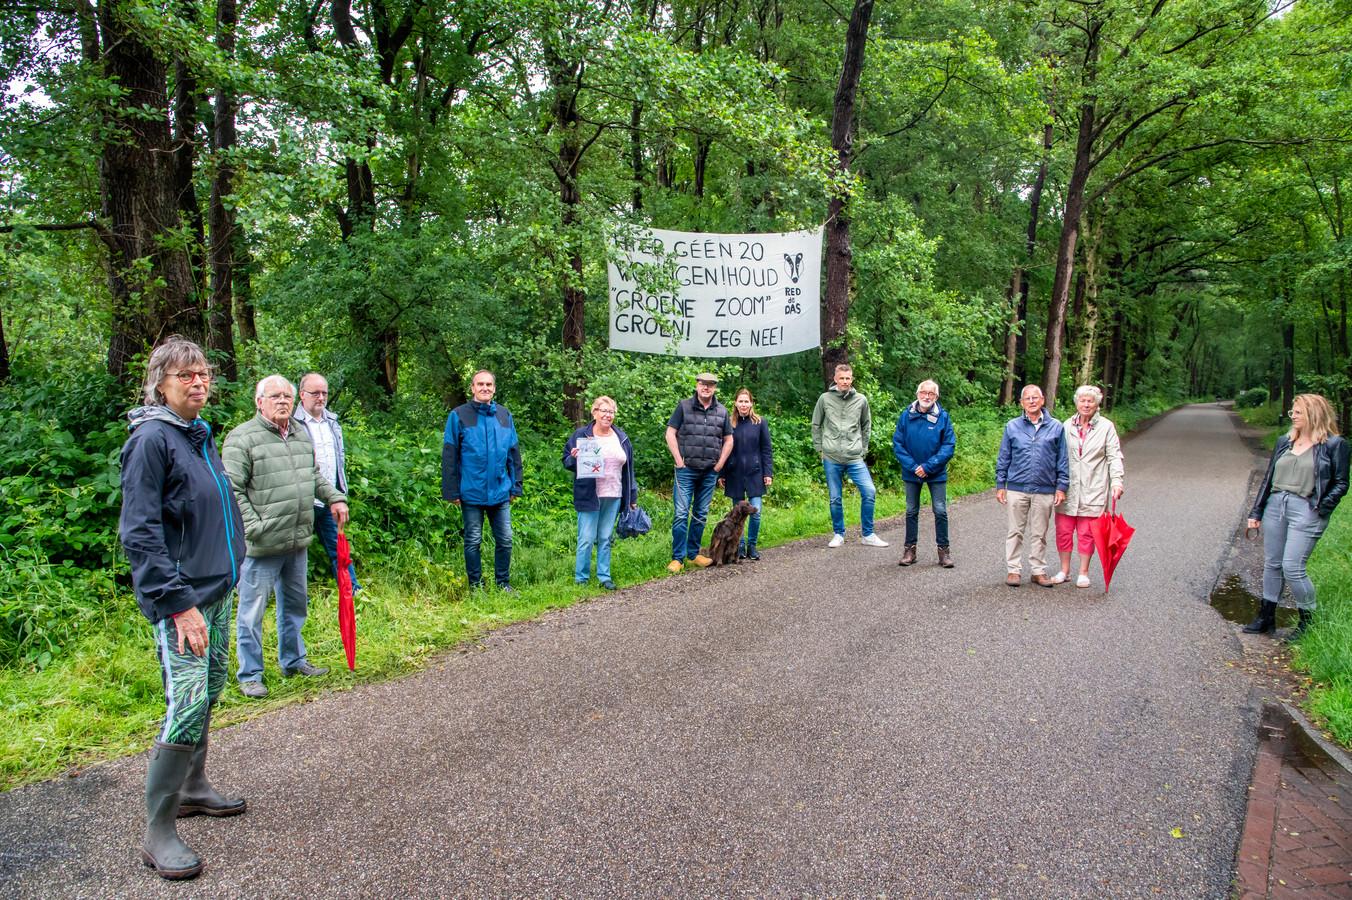 Hanny Scholten (midden, met hond) is initiatiefnemer van een handtekeningenactie en ze heeft spandoeken neergehangen tegen de komst van 20 microwoningen aan de Horloseweg. Veel buurtbewoners steunen het protest tegen de microwoningen.